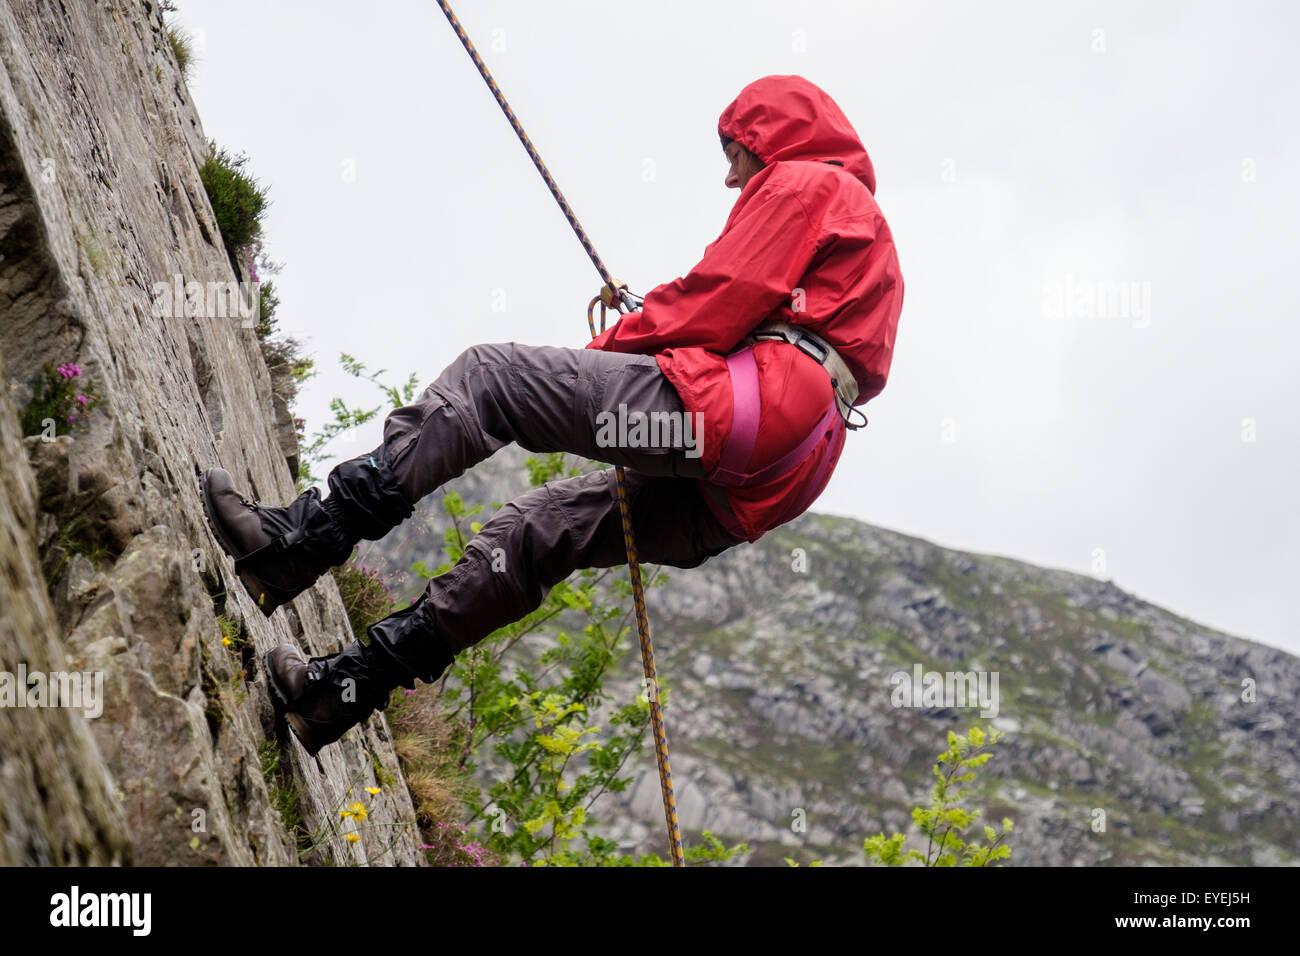 Klettergurt Sicherung : Weiblichen rock climber mit sicherungsseil und klettergurt auf